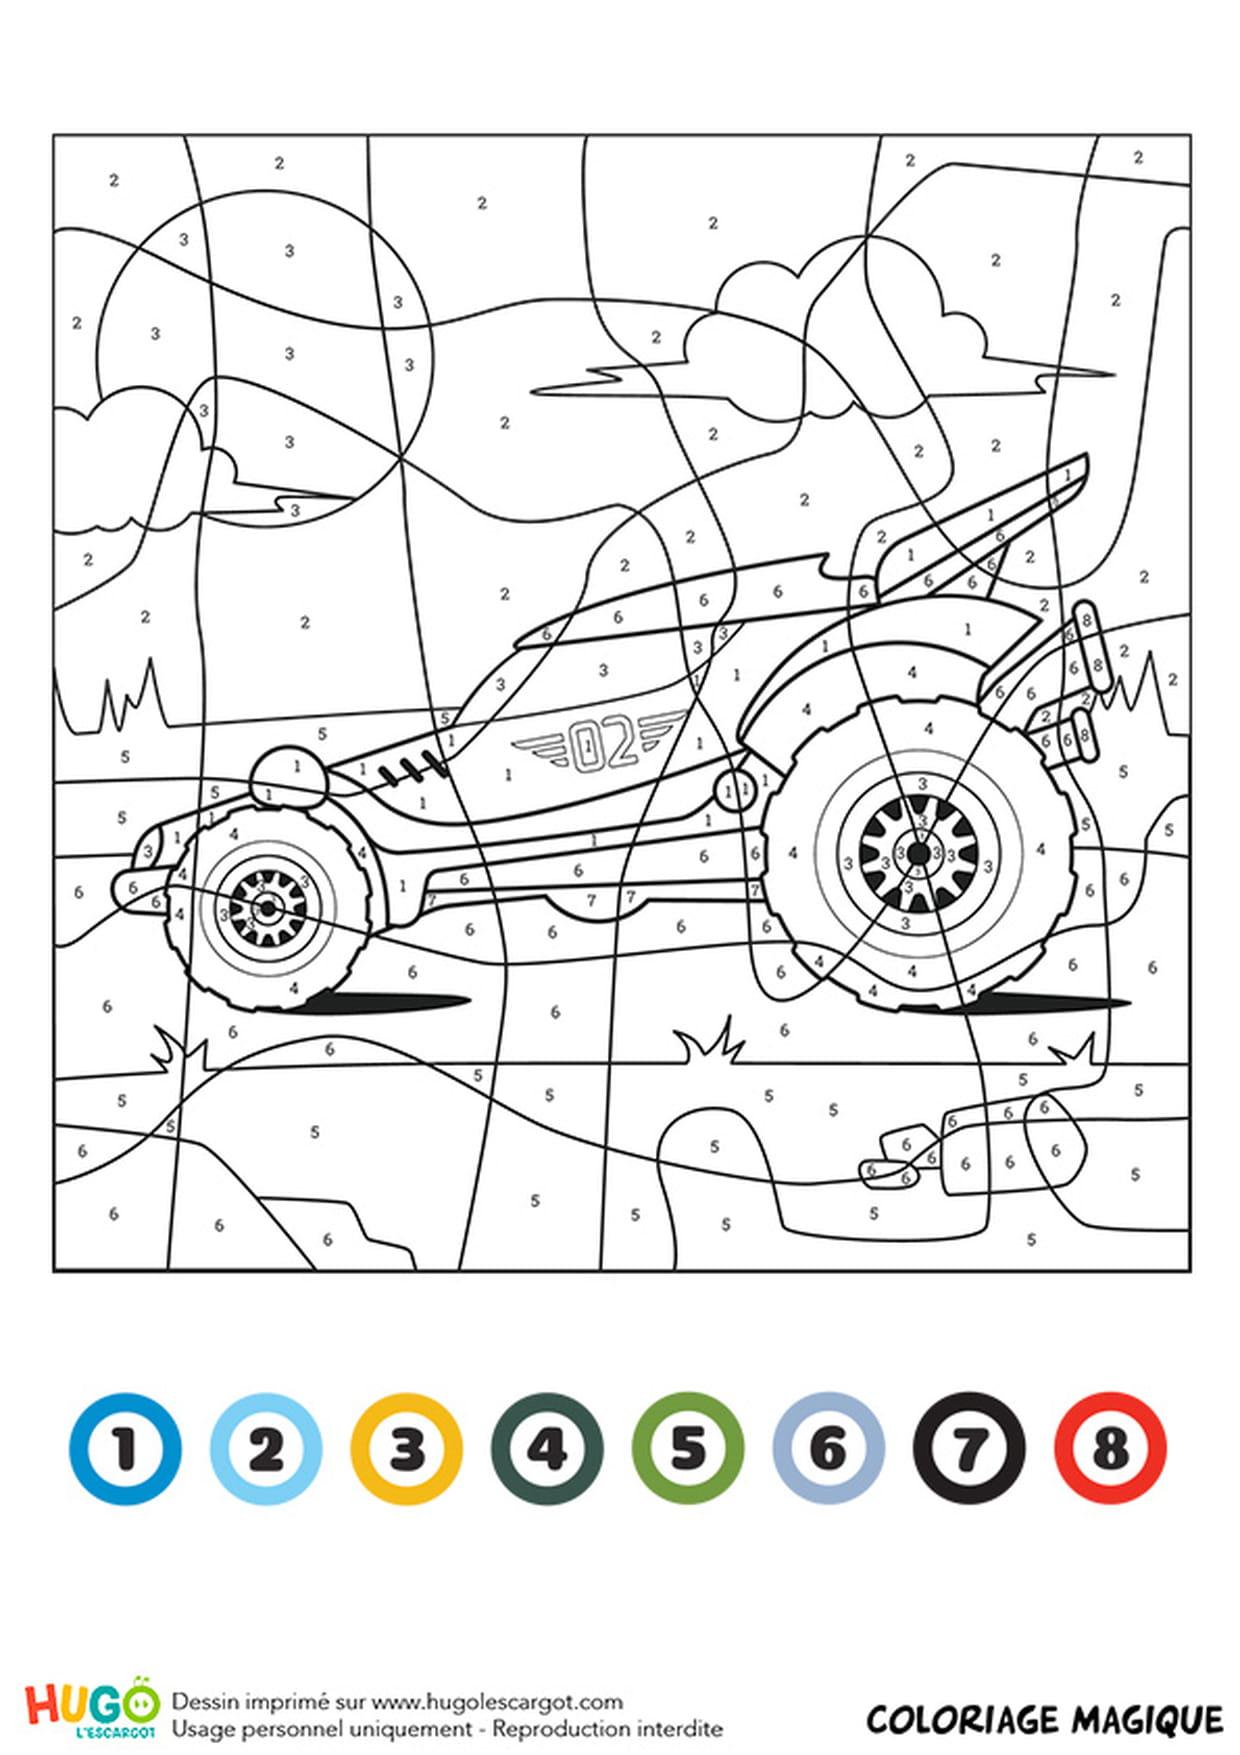 Coloriage Magique Ce1 : Un Buggy avec Coloriage Vehicule